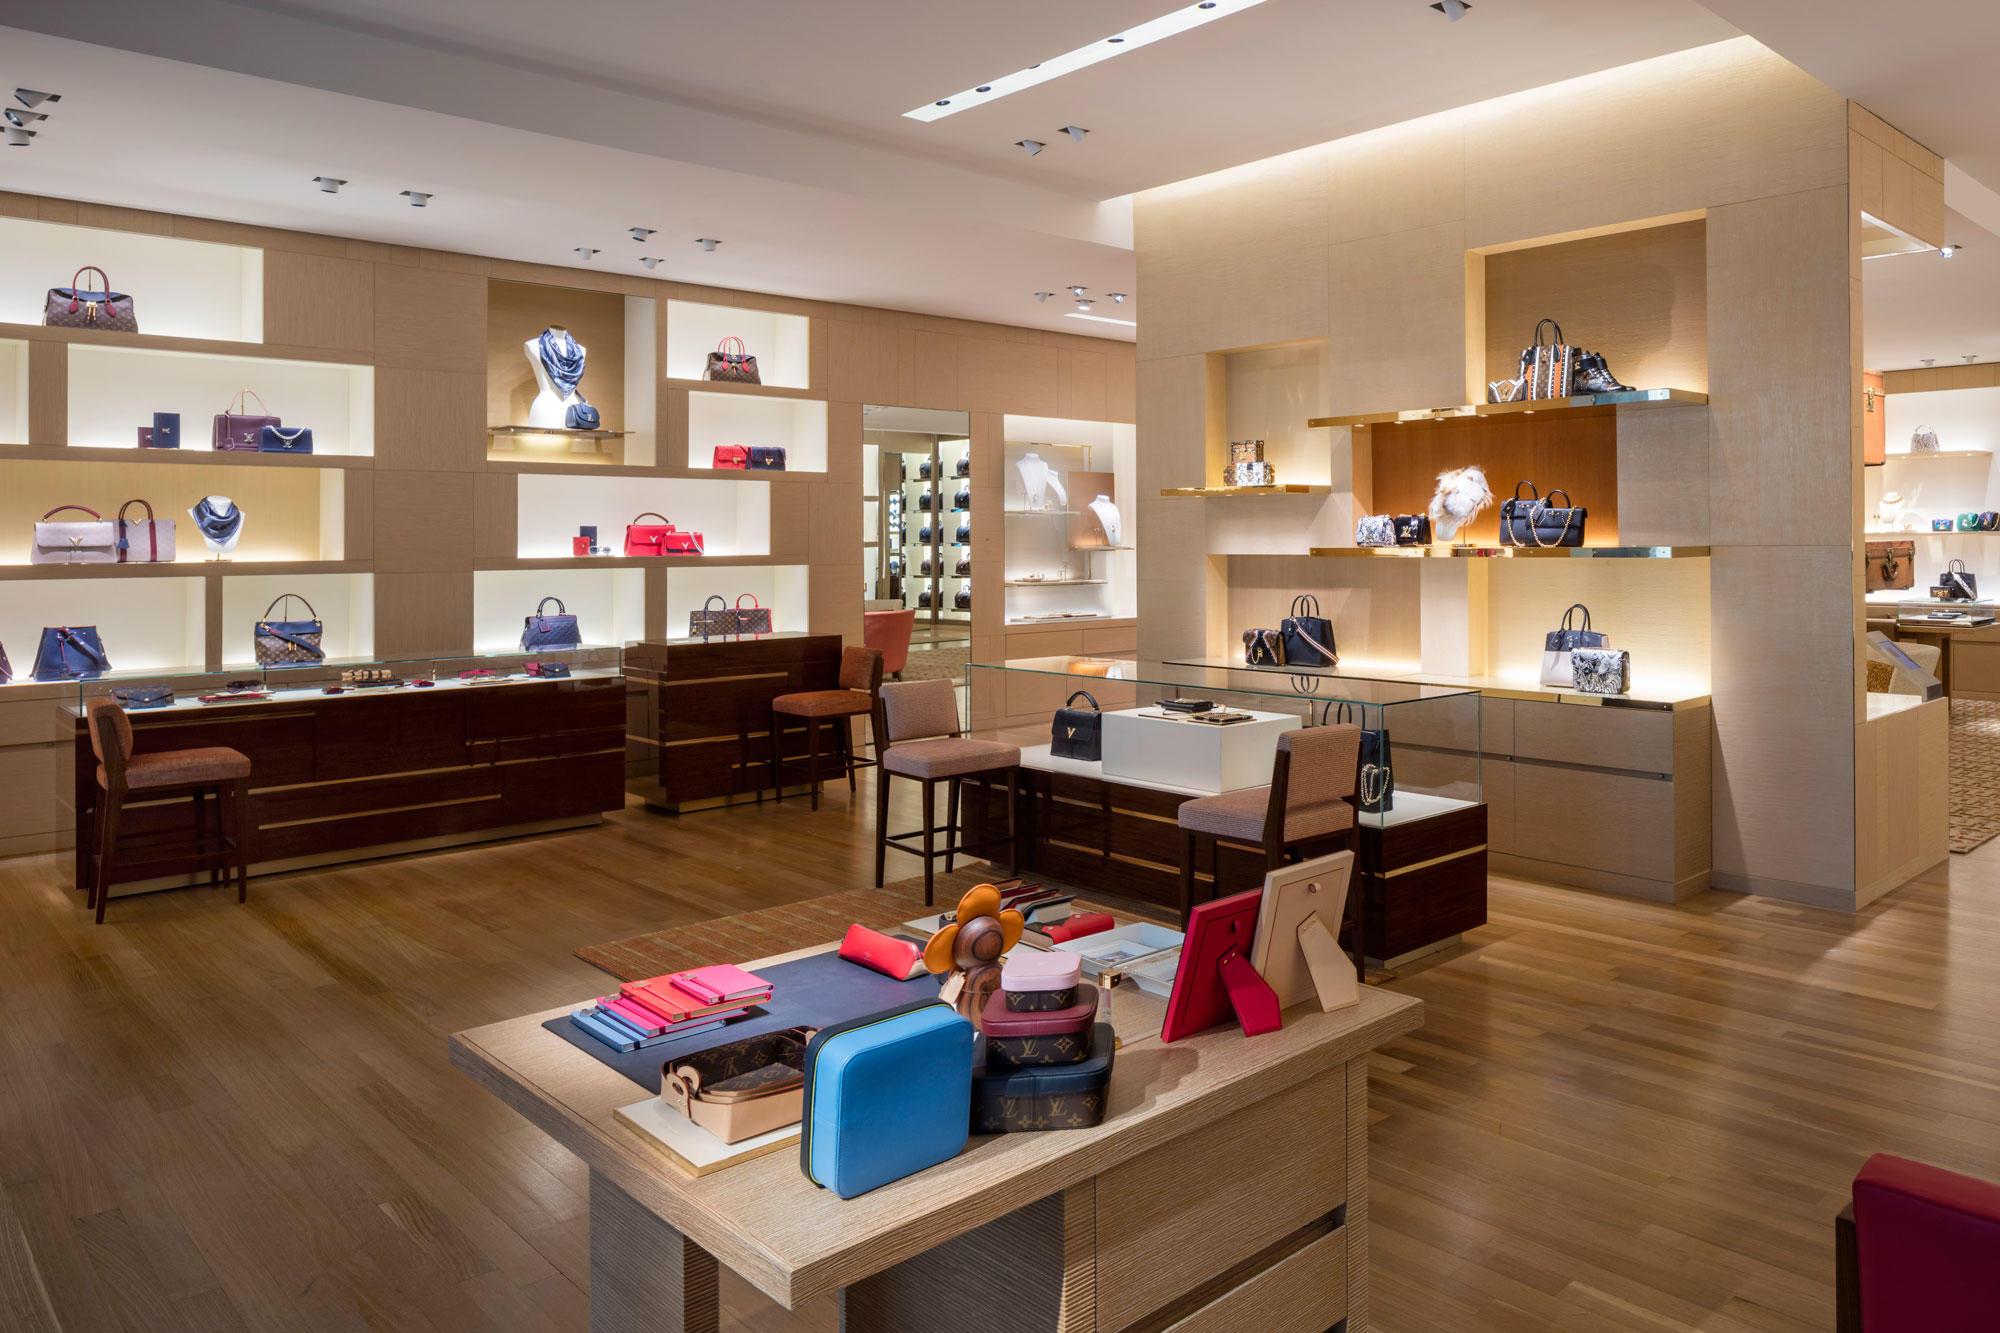 Louis Vuitton Scottsdale image 1